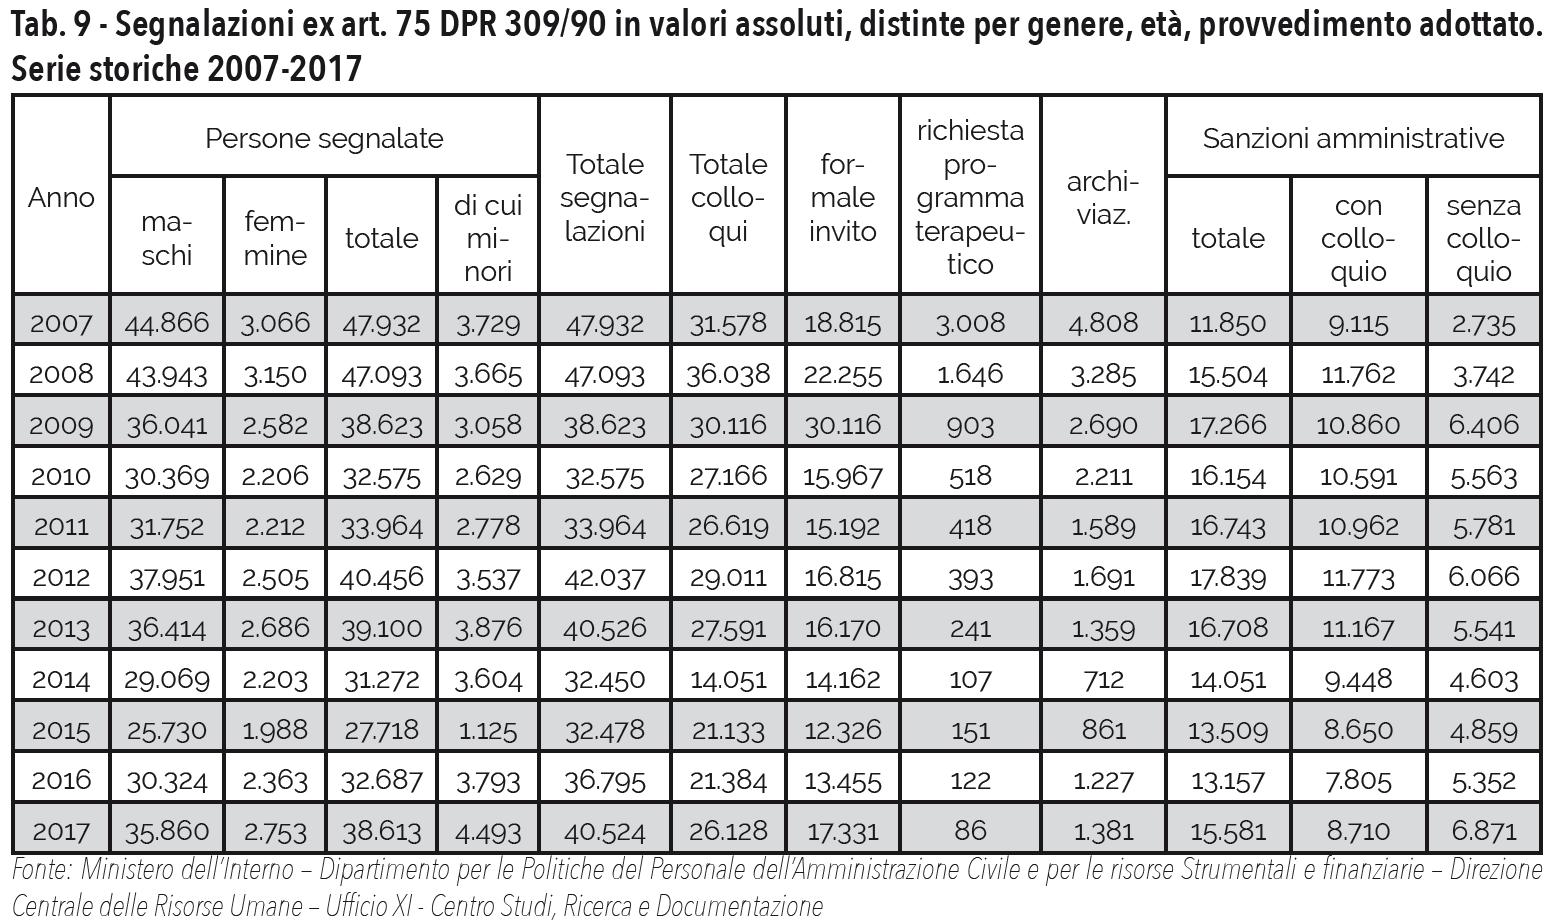 Tab. 10 - Segnalazioni ex art. 75 DPR 309/90 in valori assoluti, distinte per genere, età, provvedimento adottato. Serie storiche 2007-2017